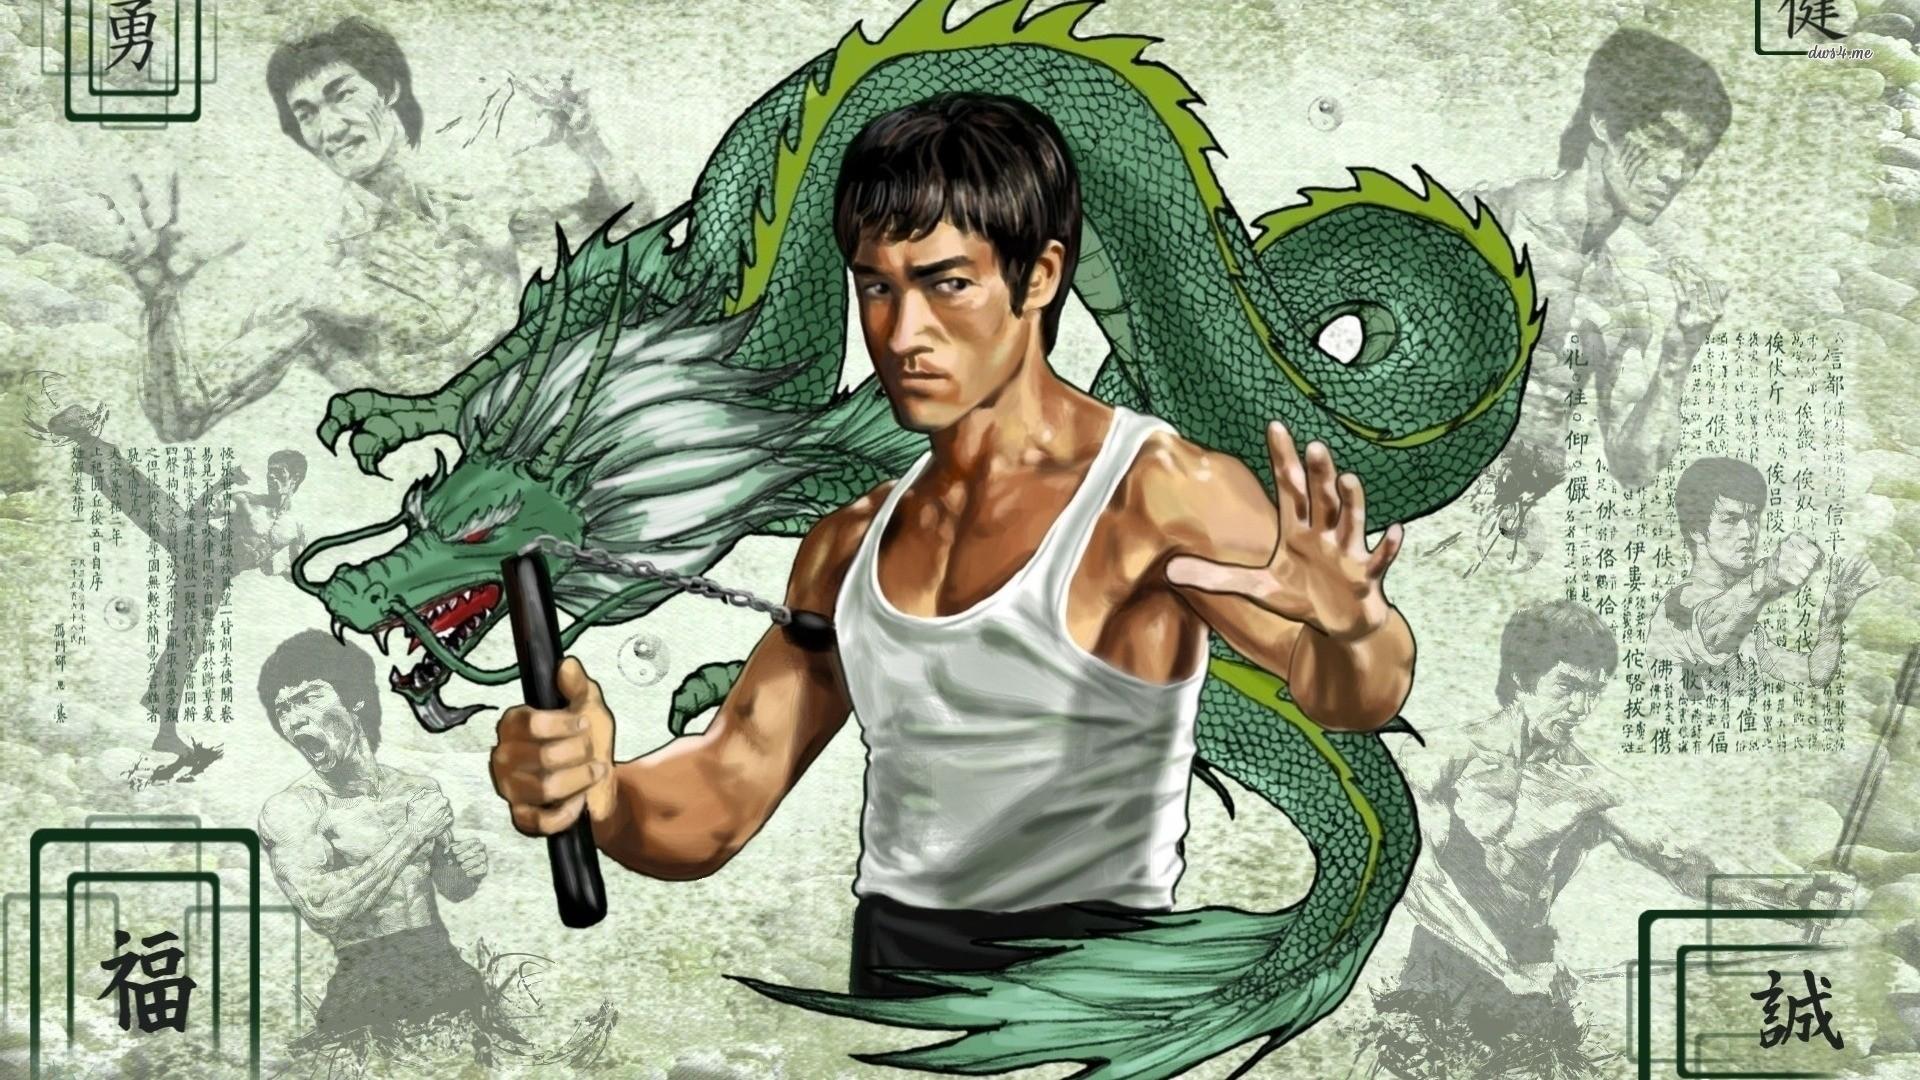 Karate vertical wallpaper hd